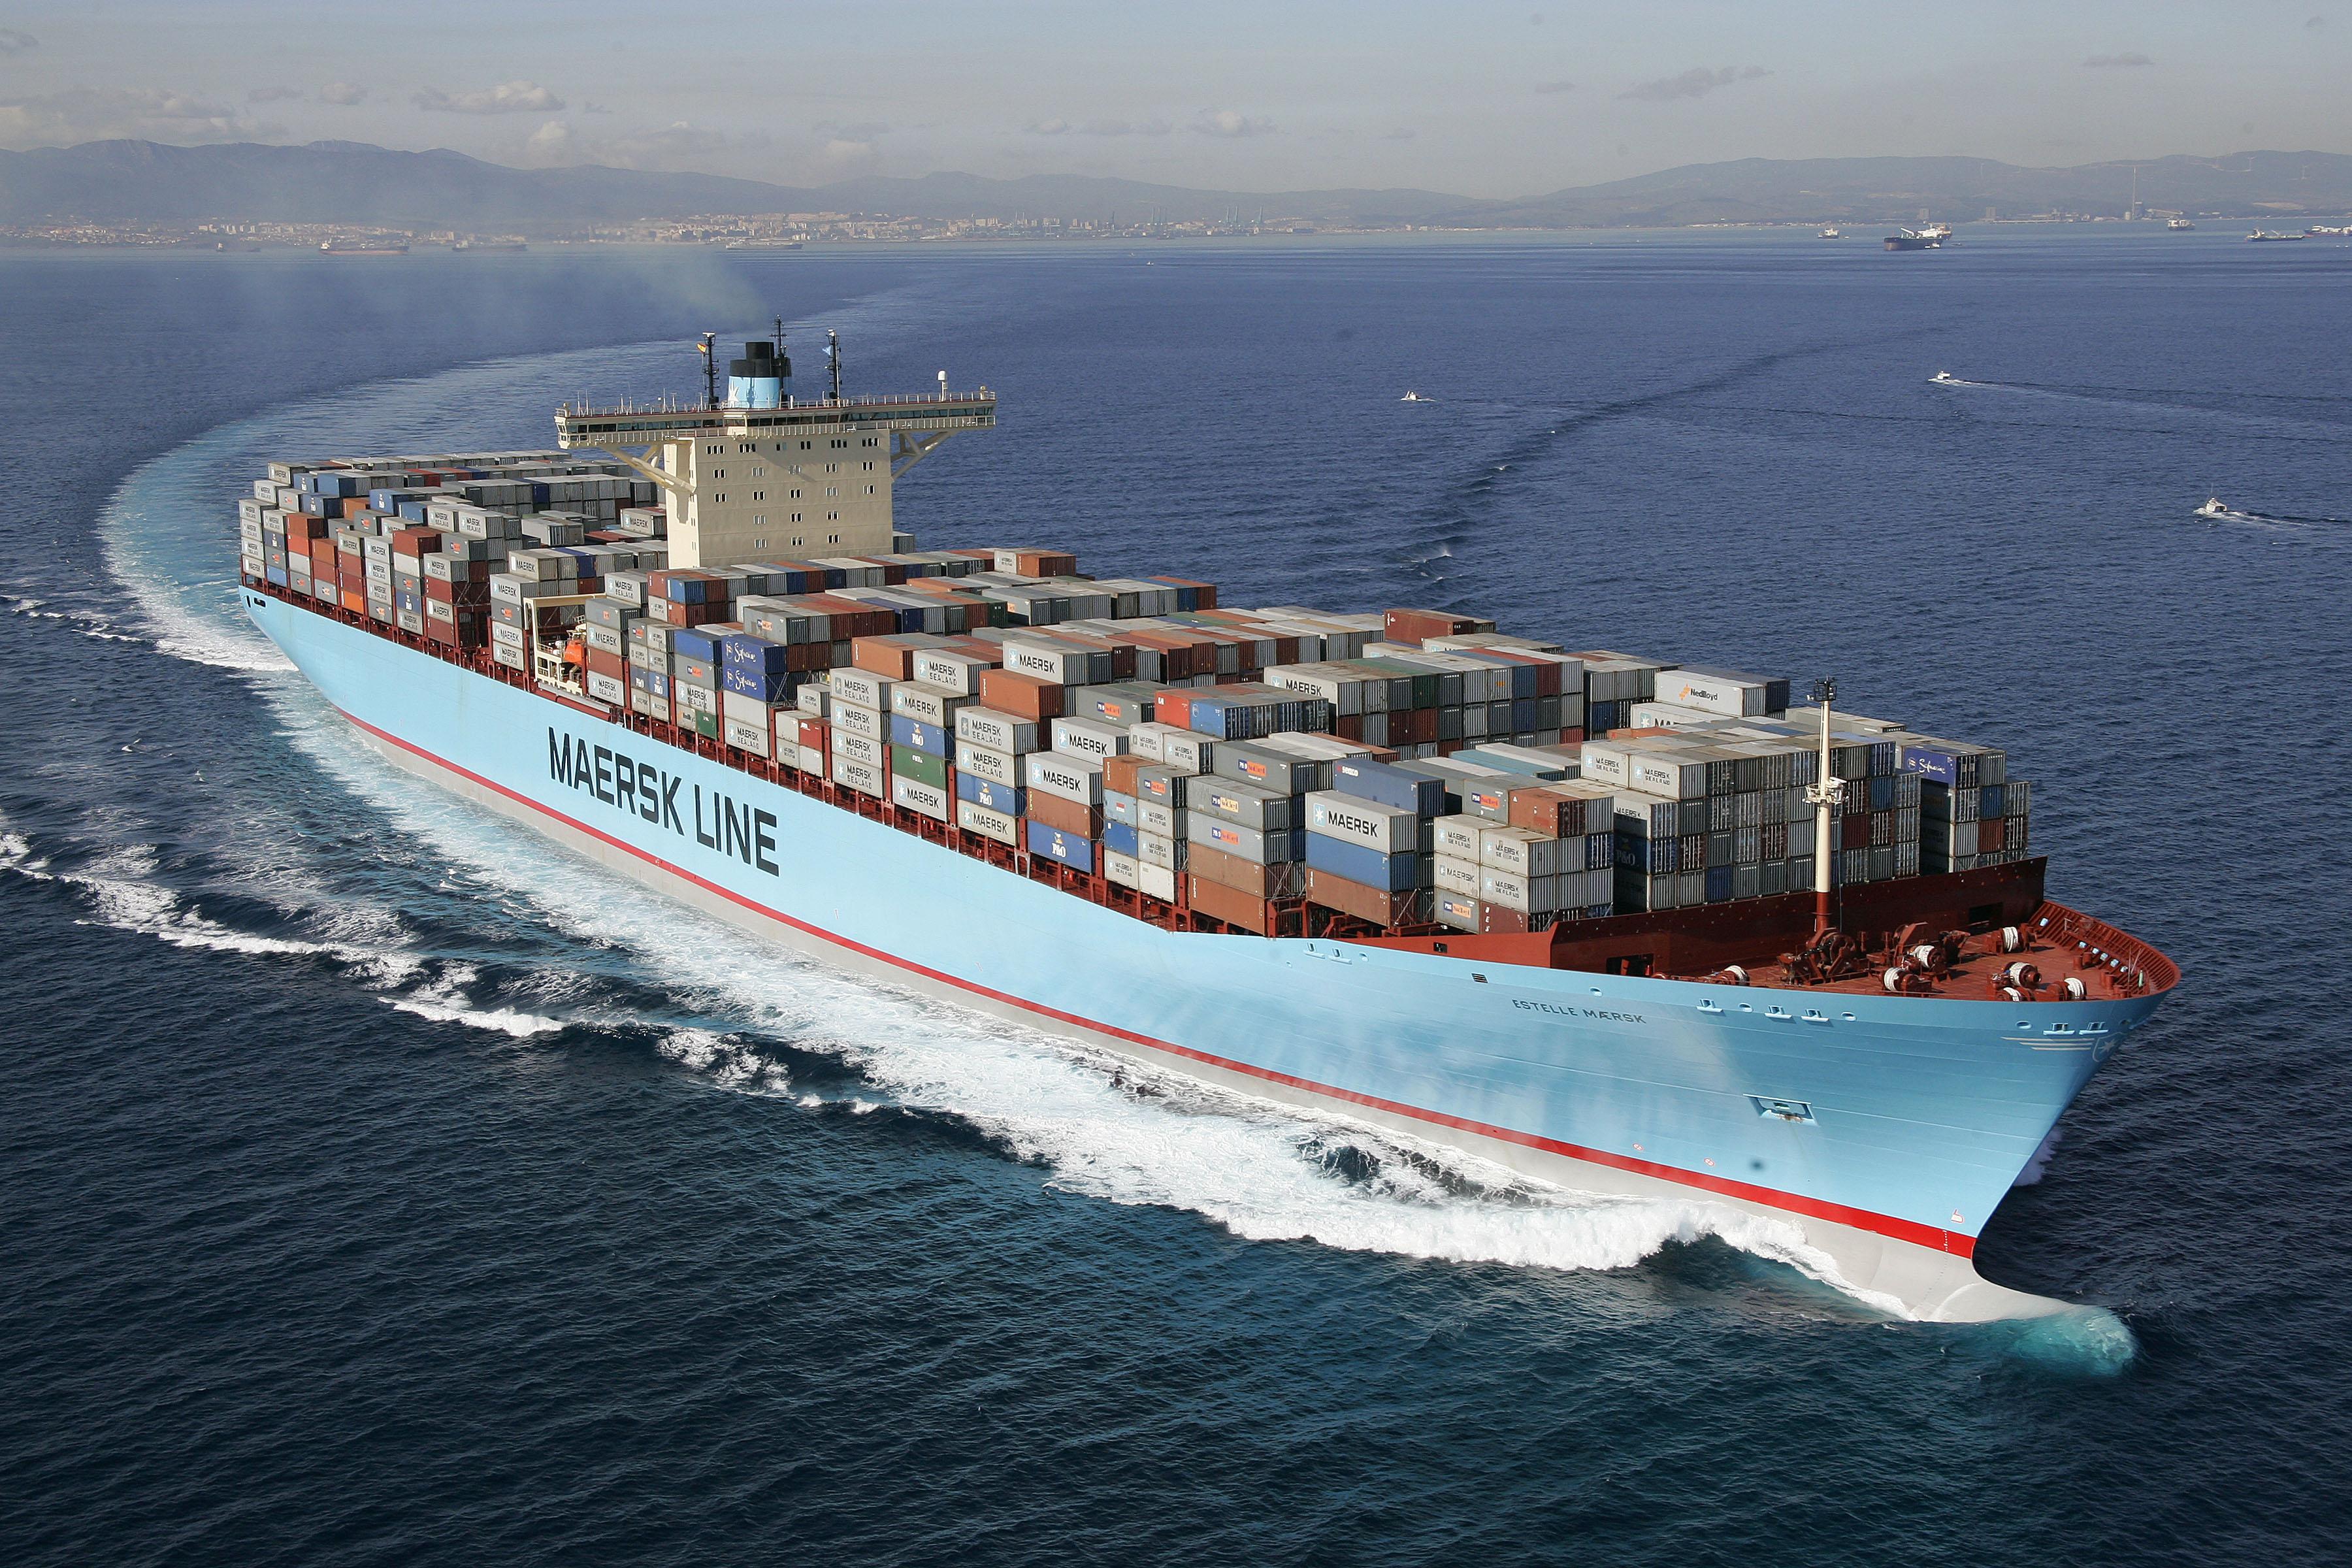 Barco Maersk